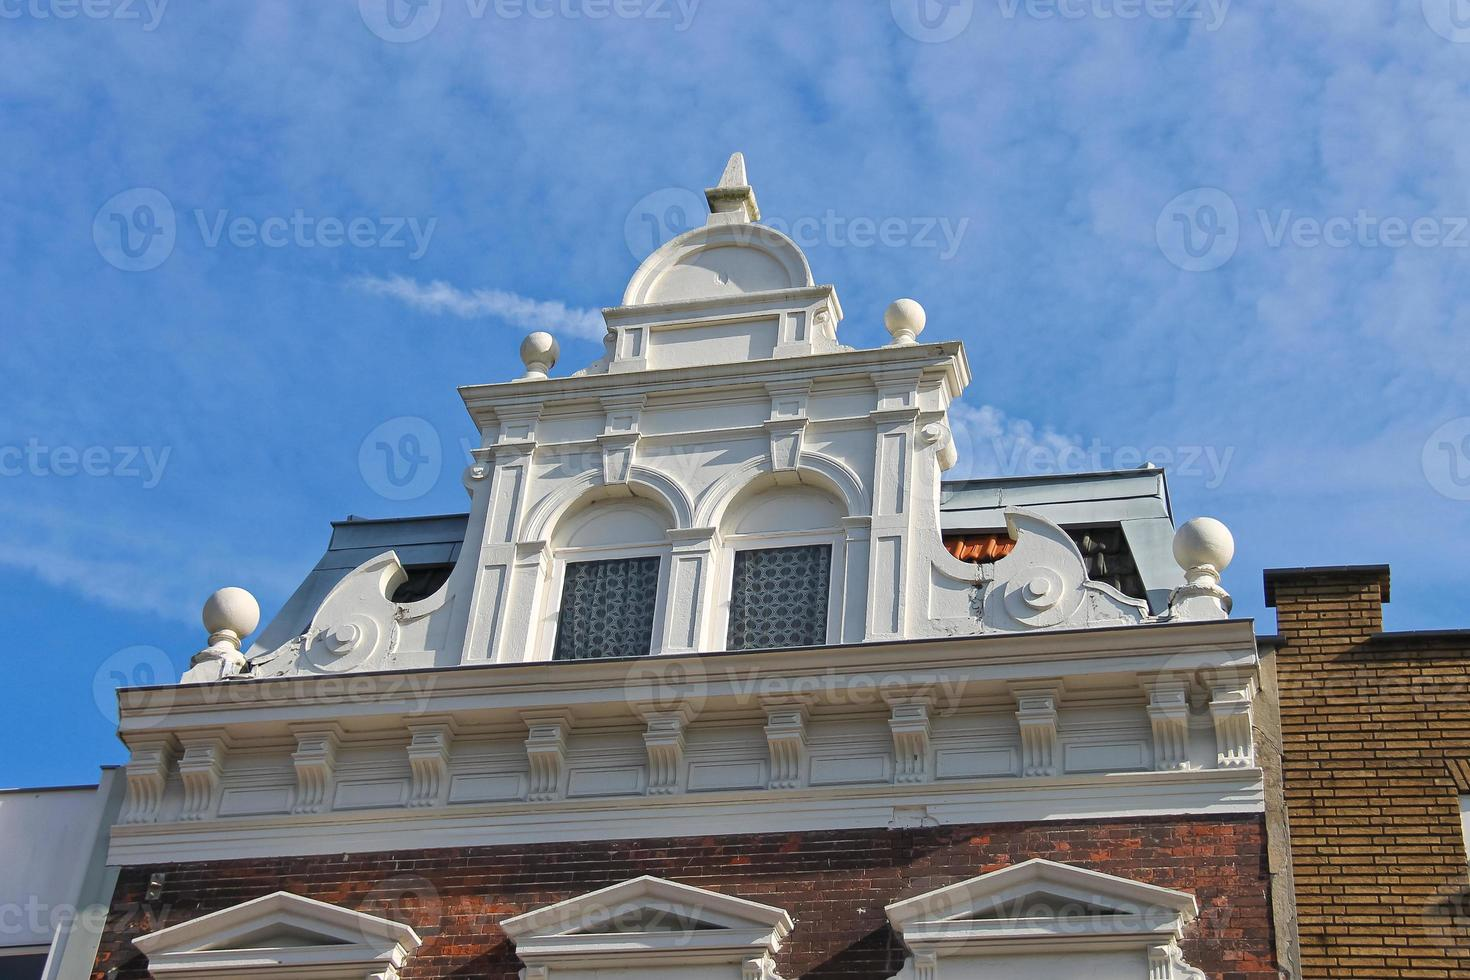 gevel van een prachtig gebouw in de nederlandse stad dordrecht, foto